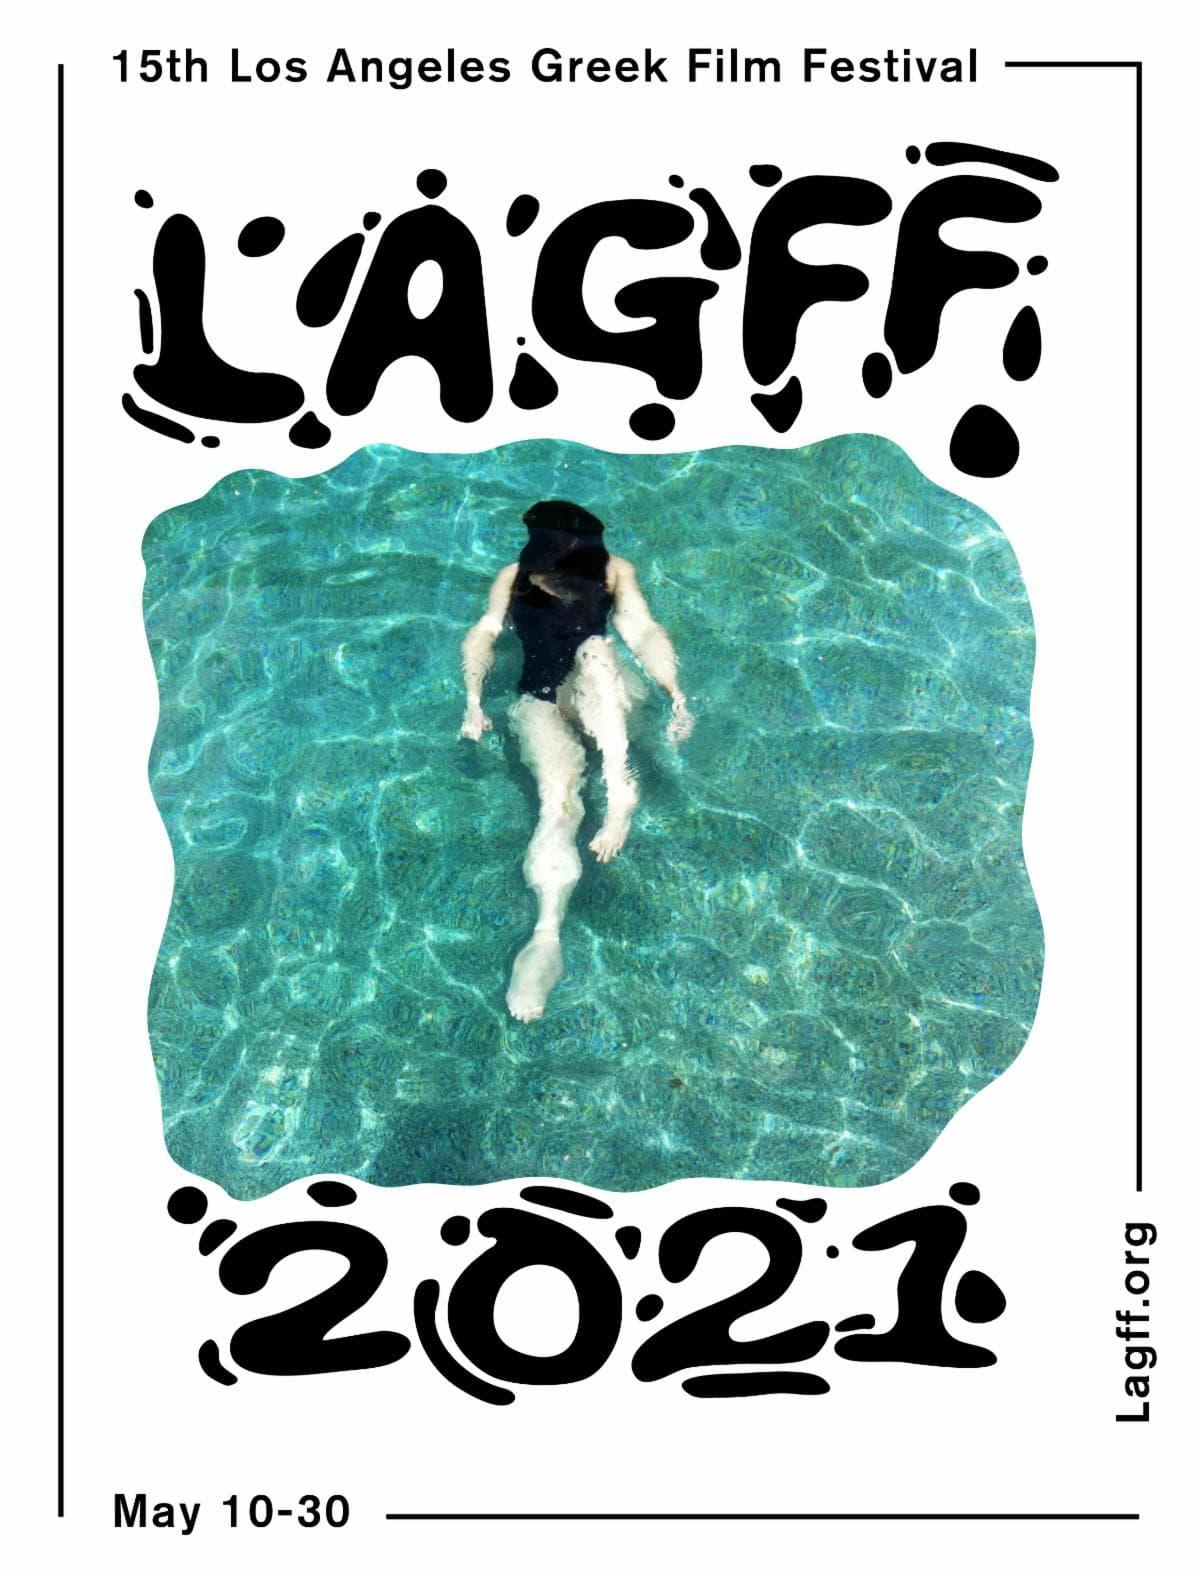 15th LAFGG